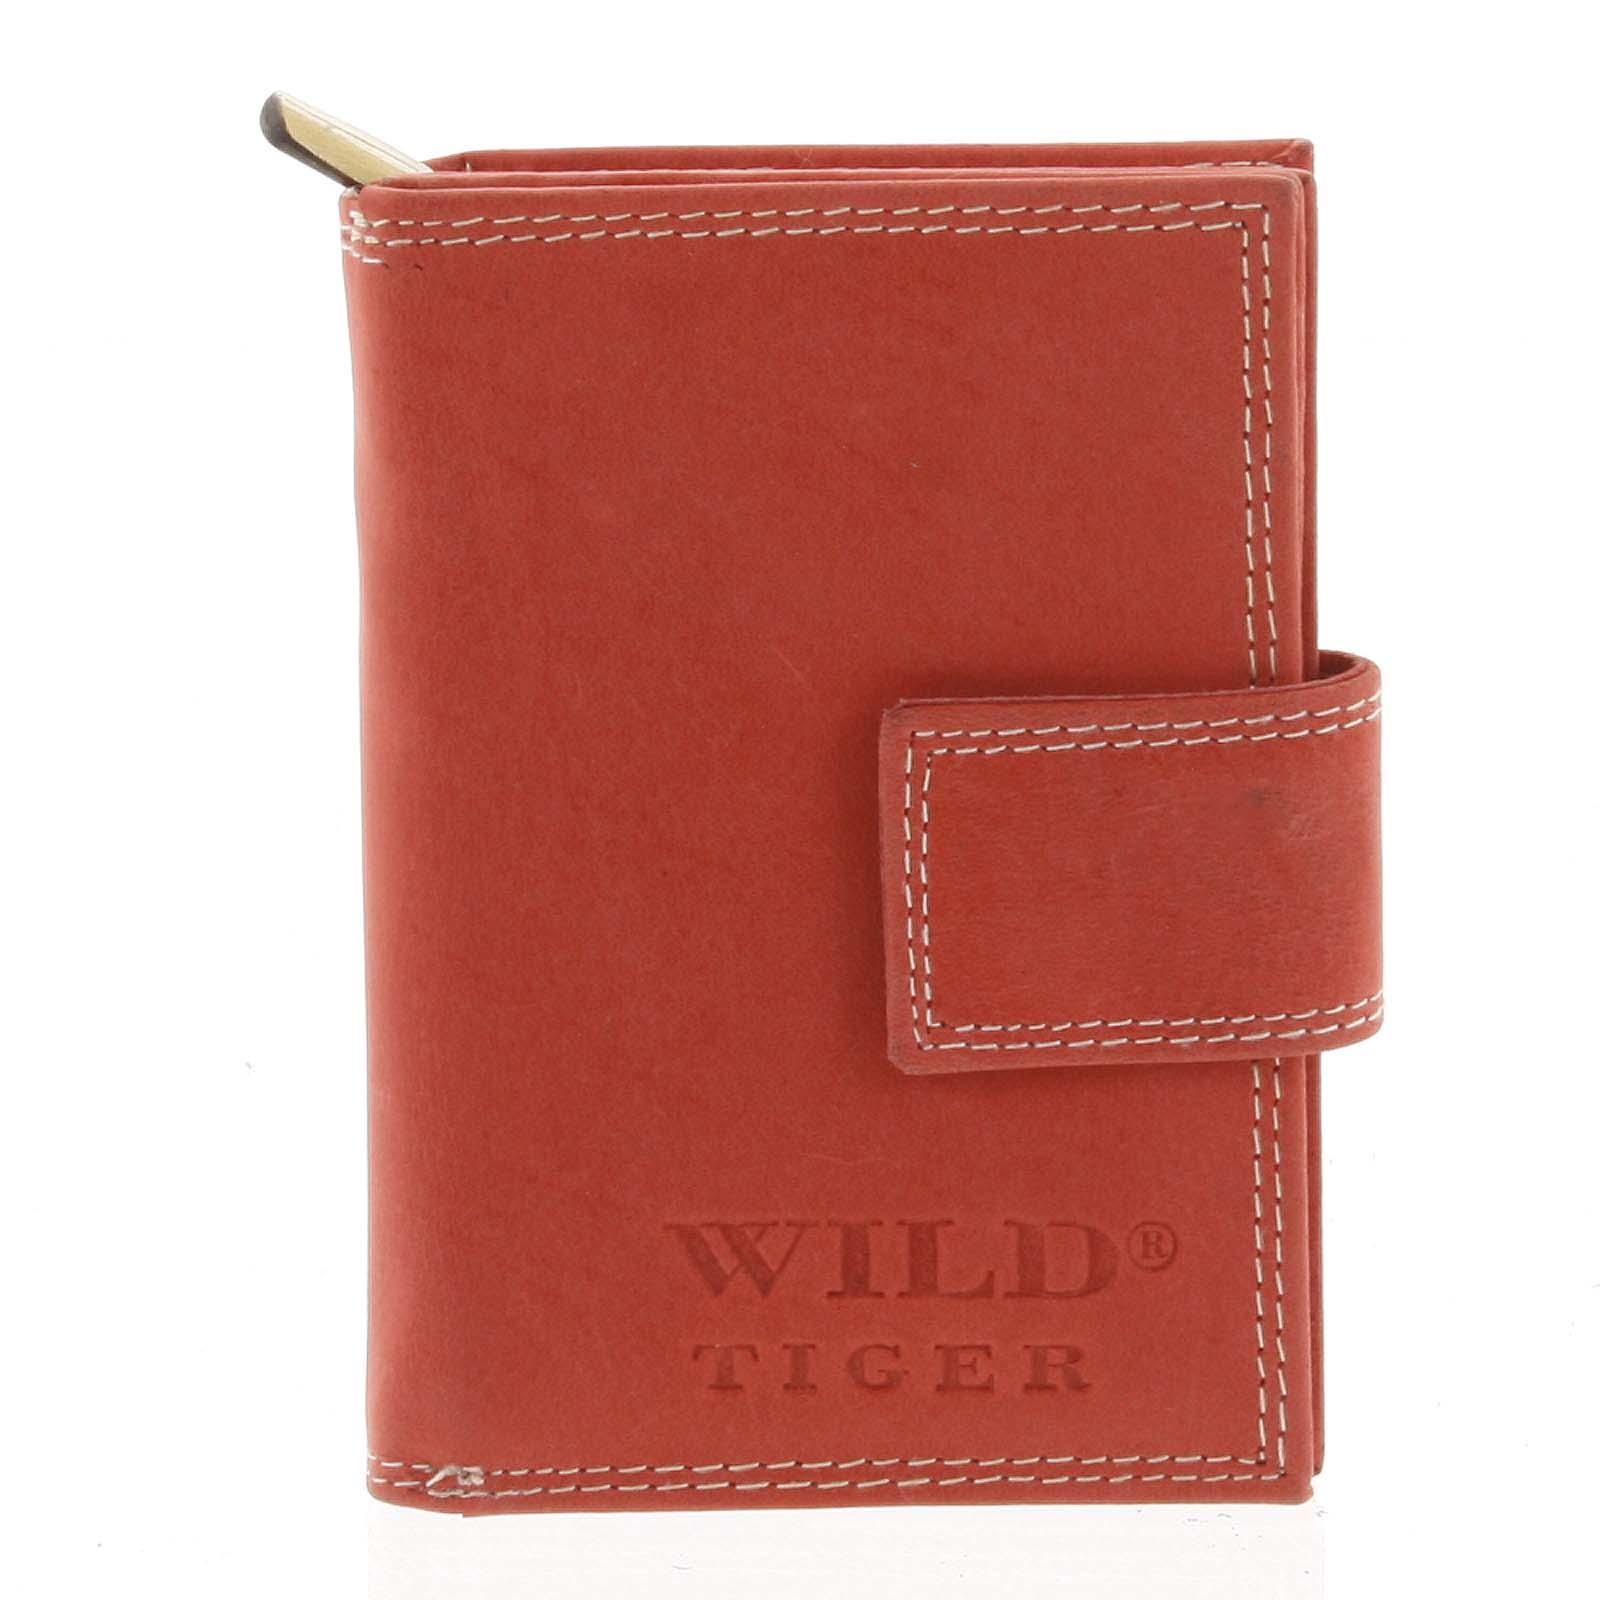 Kožená peněženka červená - WILD Tiger červená